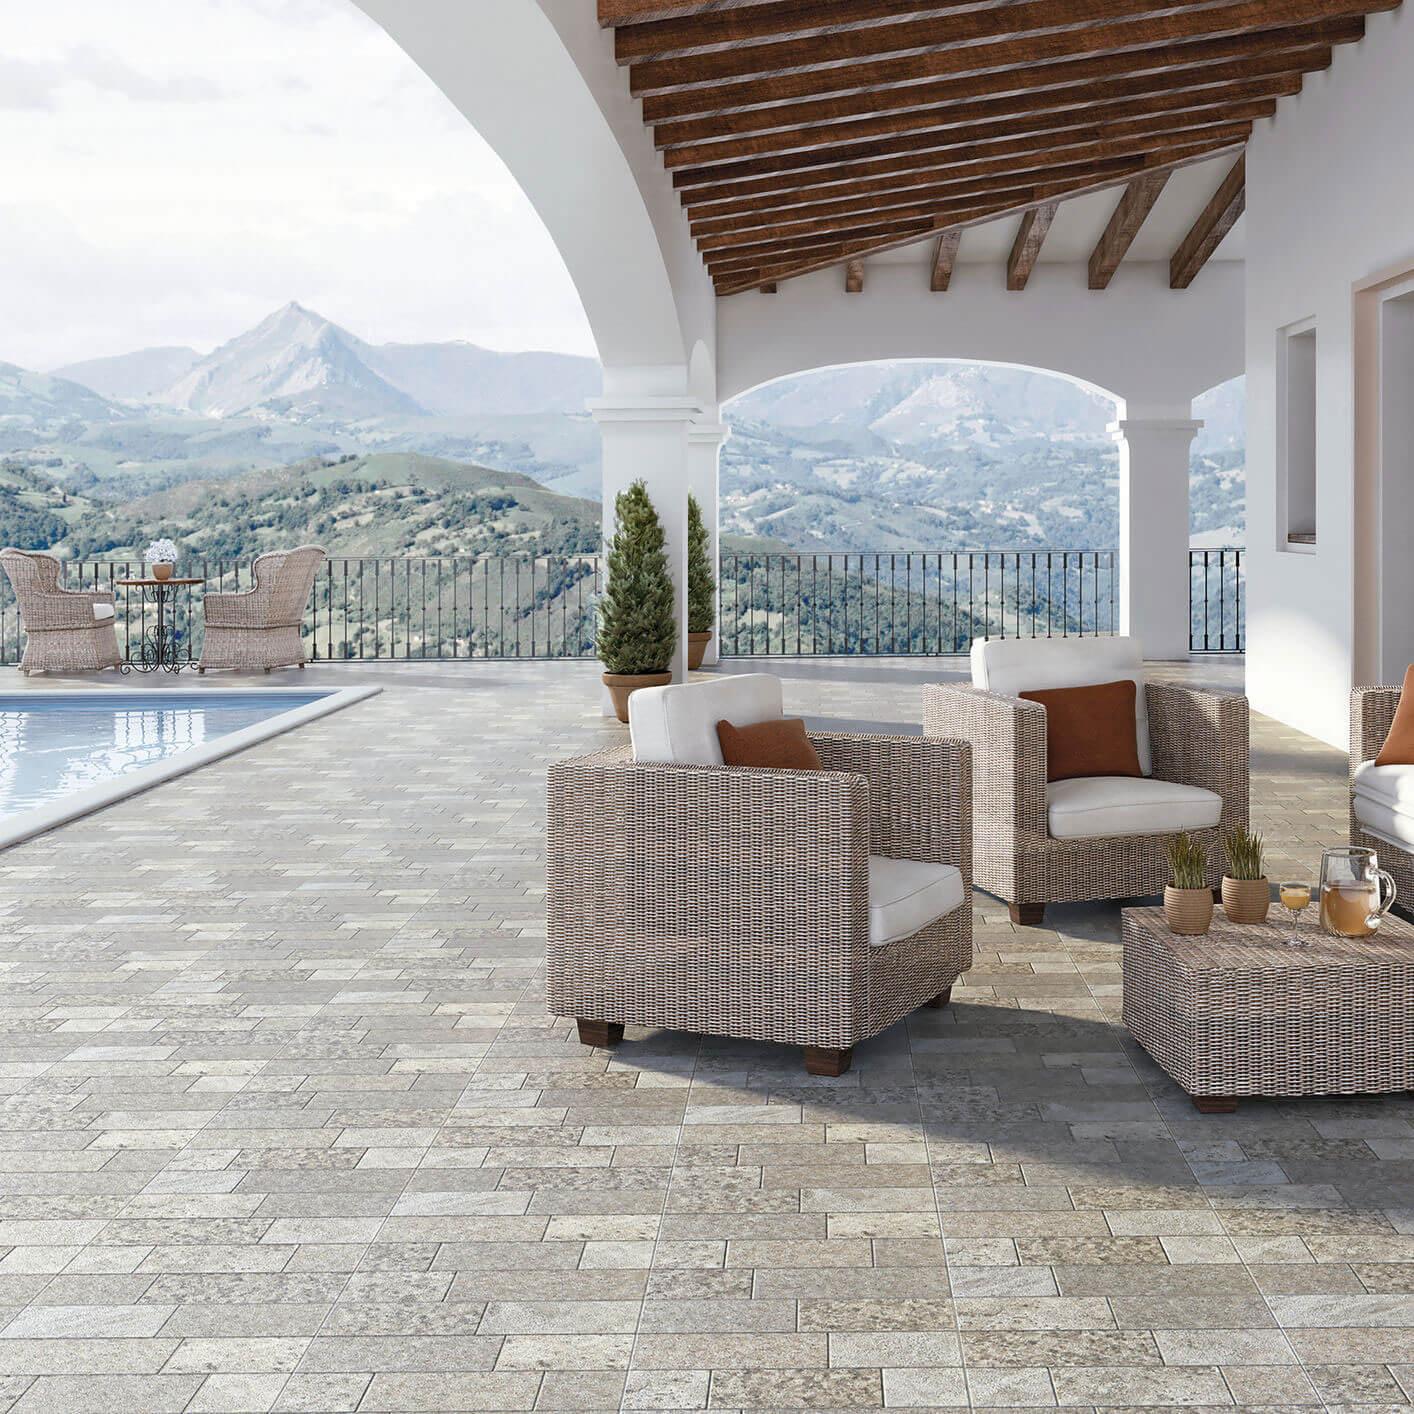 Carrelage sol exterieur aspect pavé Tarraco Gris 45x45 cm antidérapant